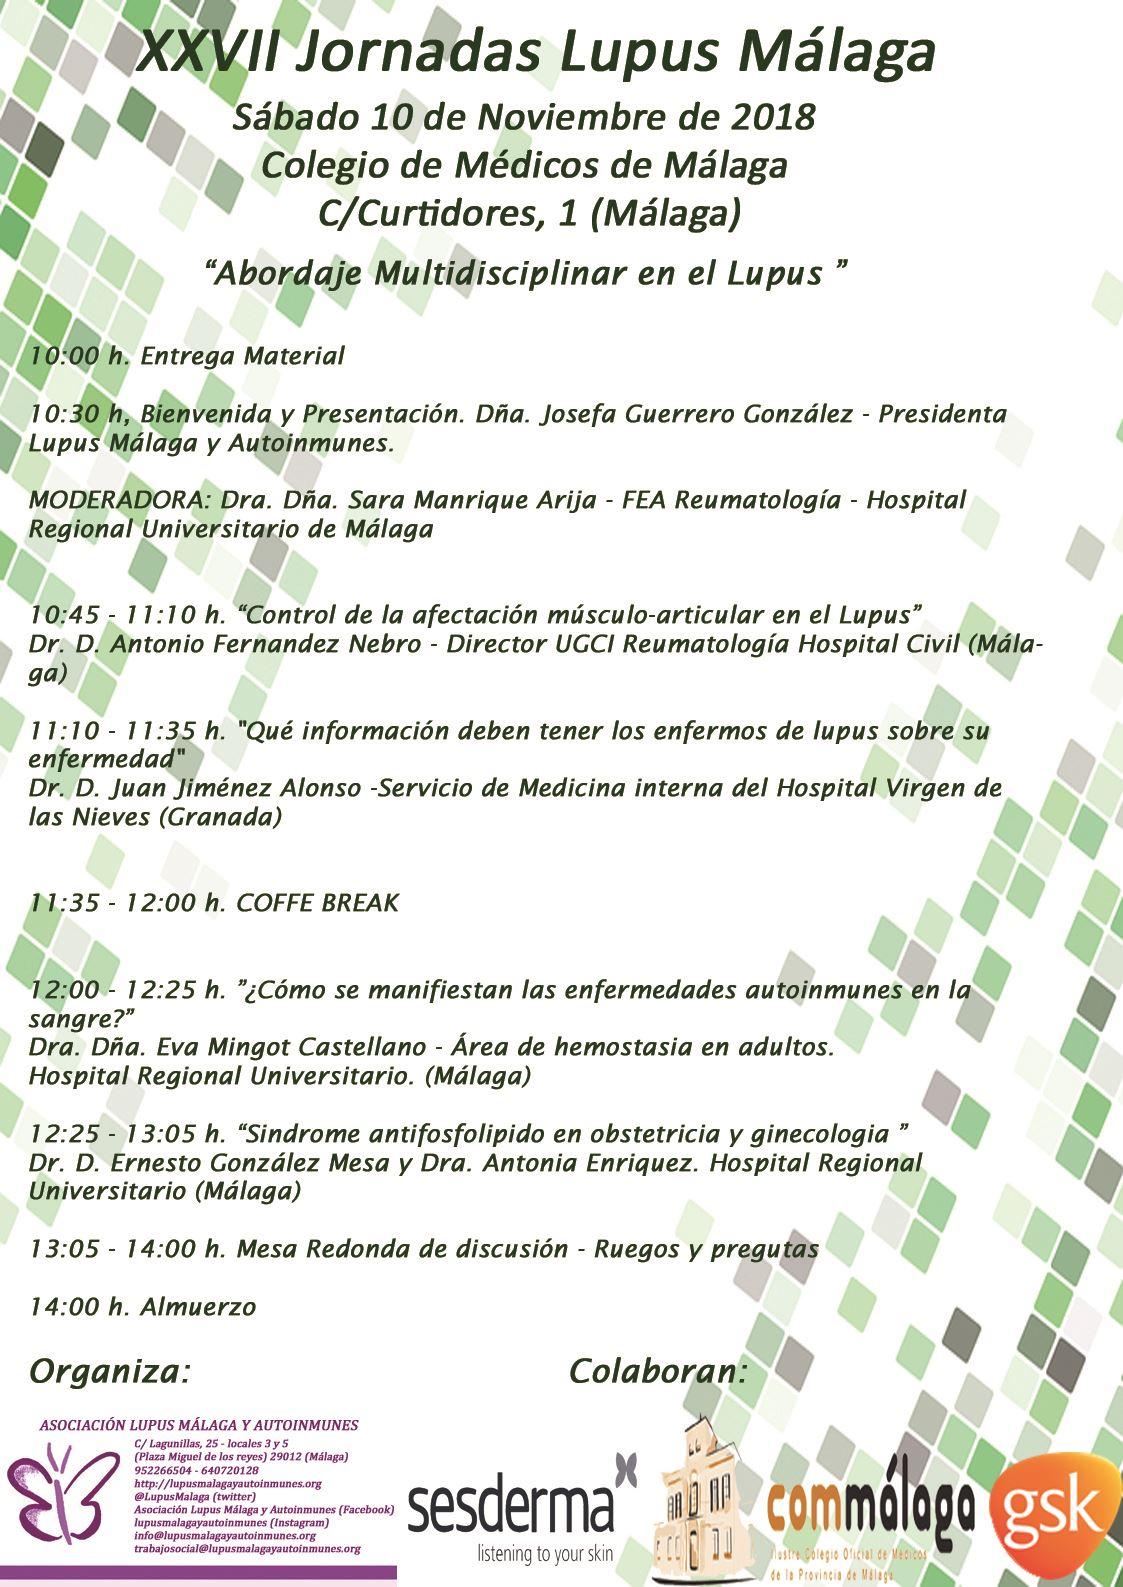 XXVII Jornadas Lupus Málaga